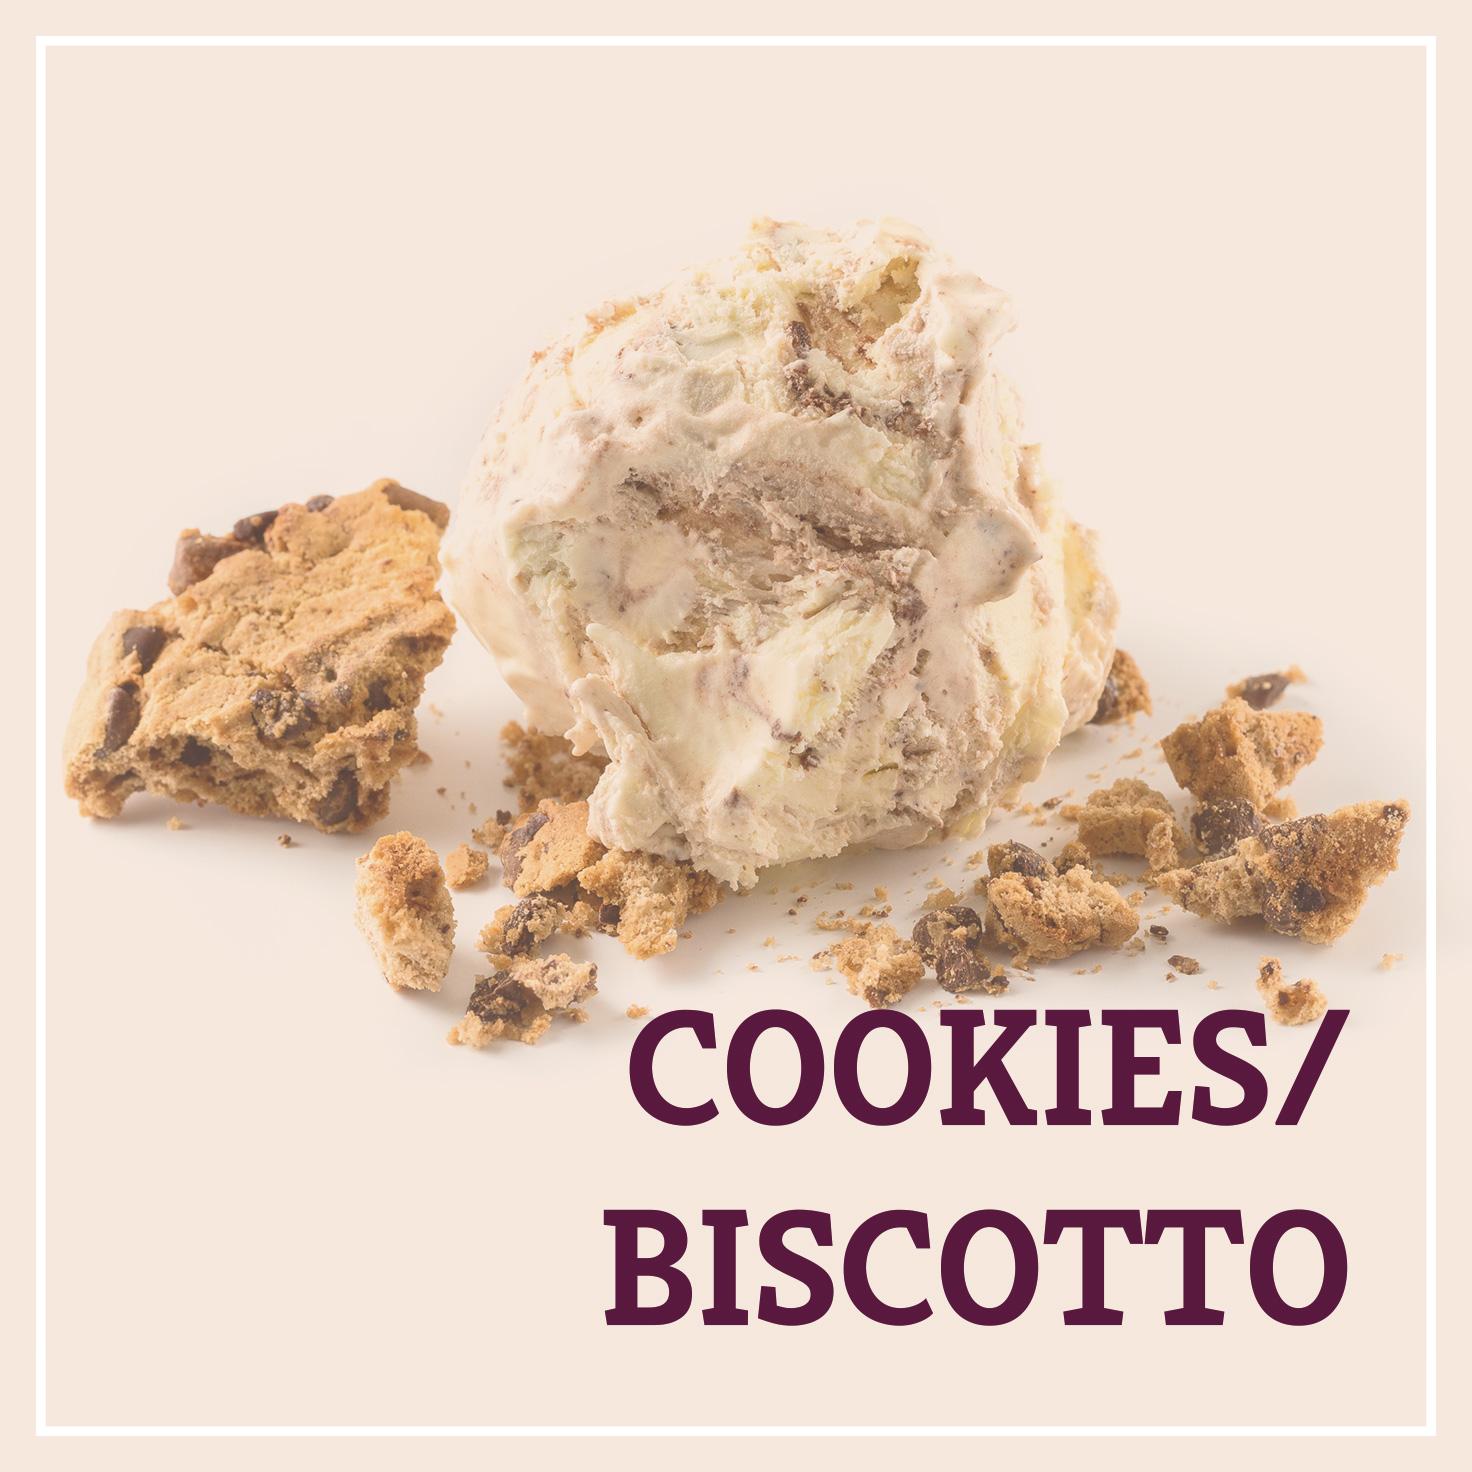 Heiss & Süß - Cookies/Biscotto